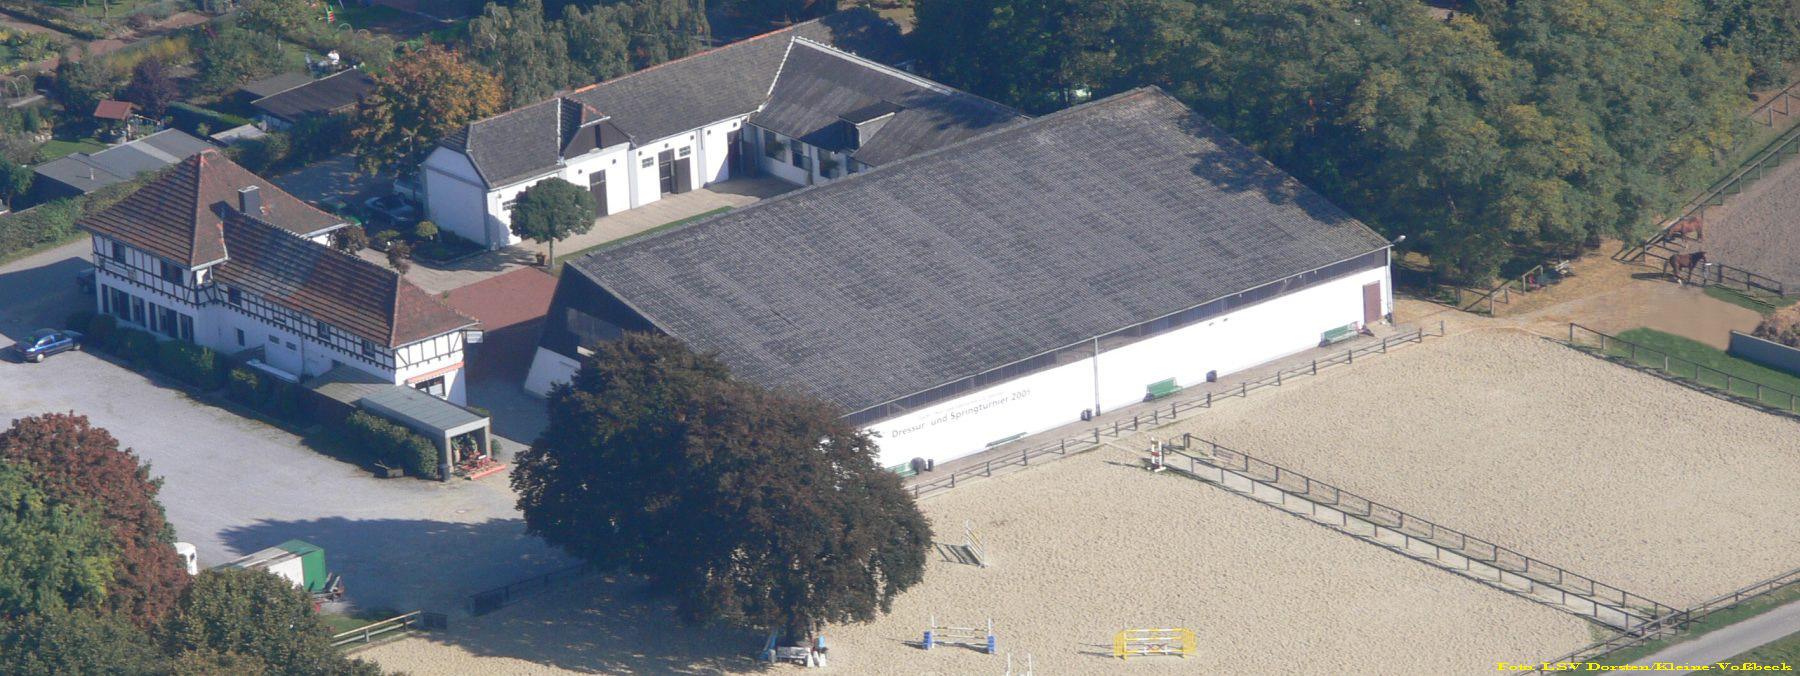 Zucht-, Reit- und Fahrverein Dorsten und Umgebung e.V.